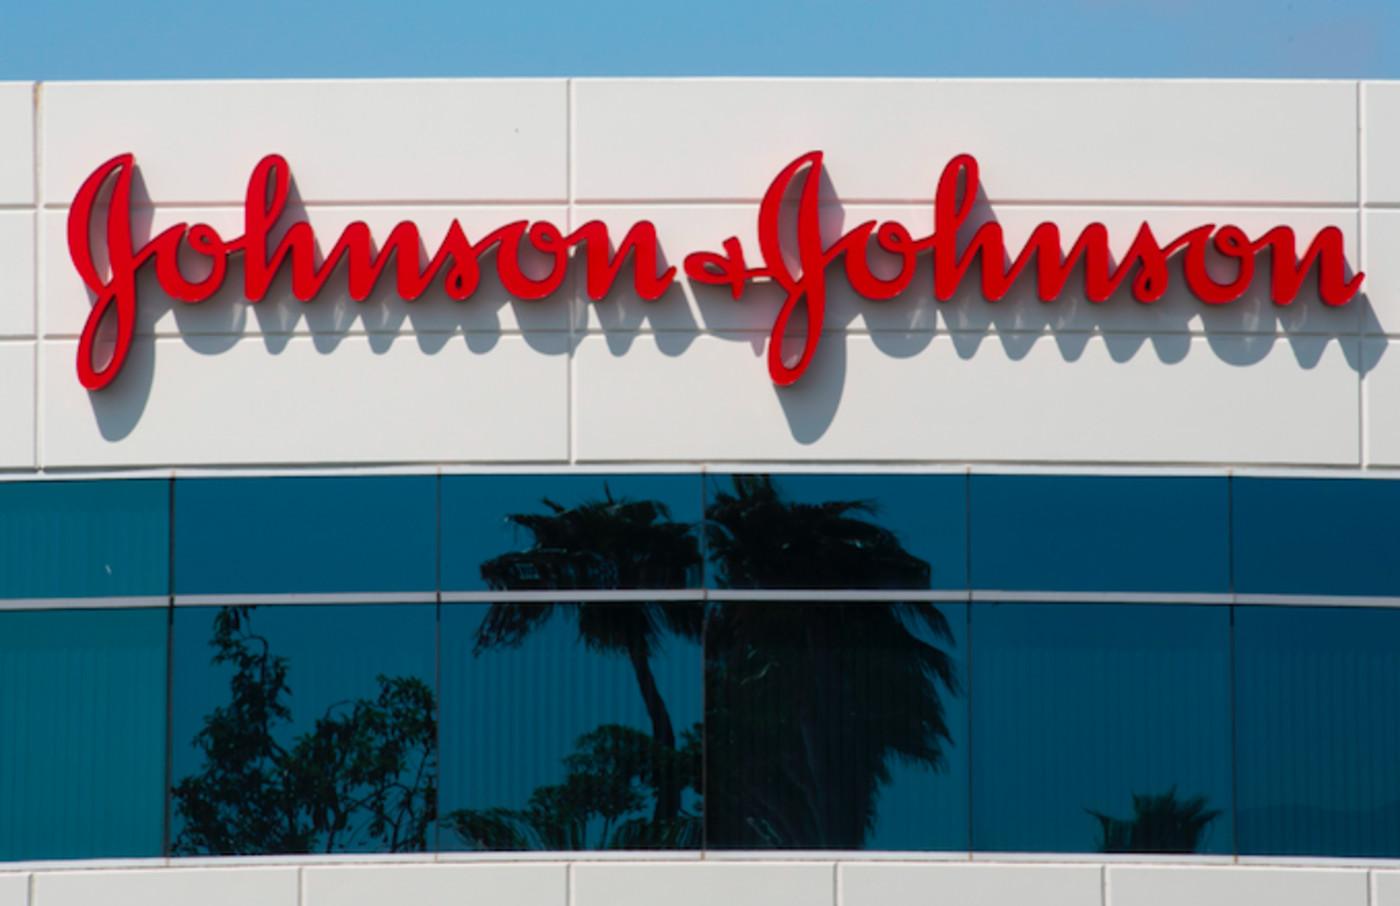 johnson johnson ordered to 8 billion dollars in male breast growth risperdal case - 3 Cổ Phiếu Cổ Tức Sẽ Vững Như Núi Nếu Thị Trường Sụp Đổ Lần Nữa